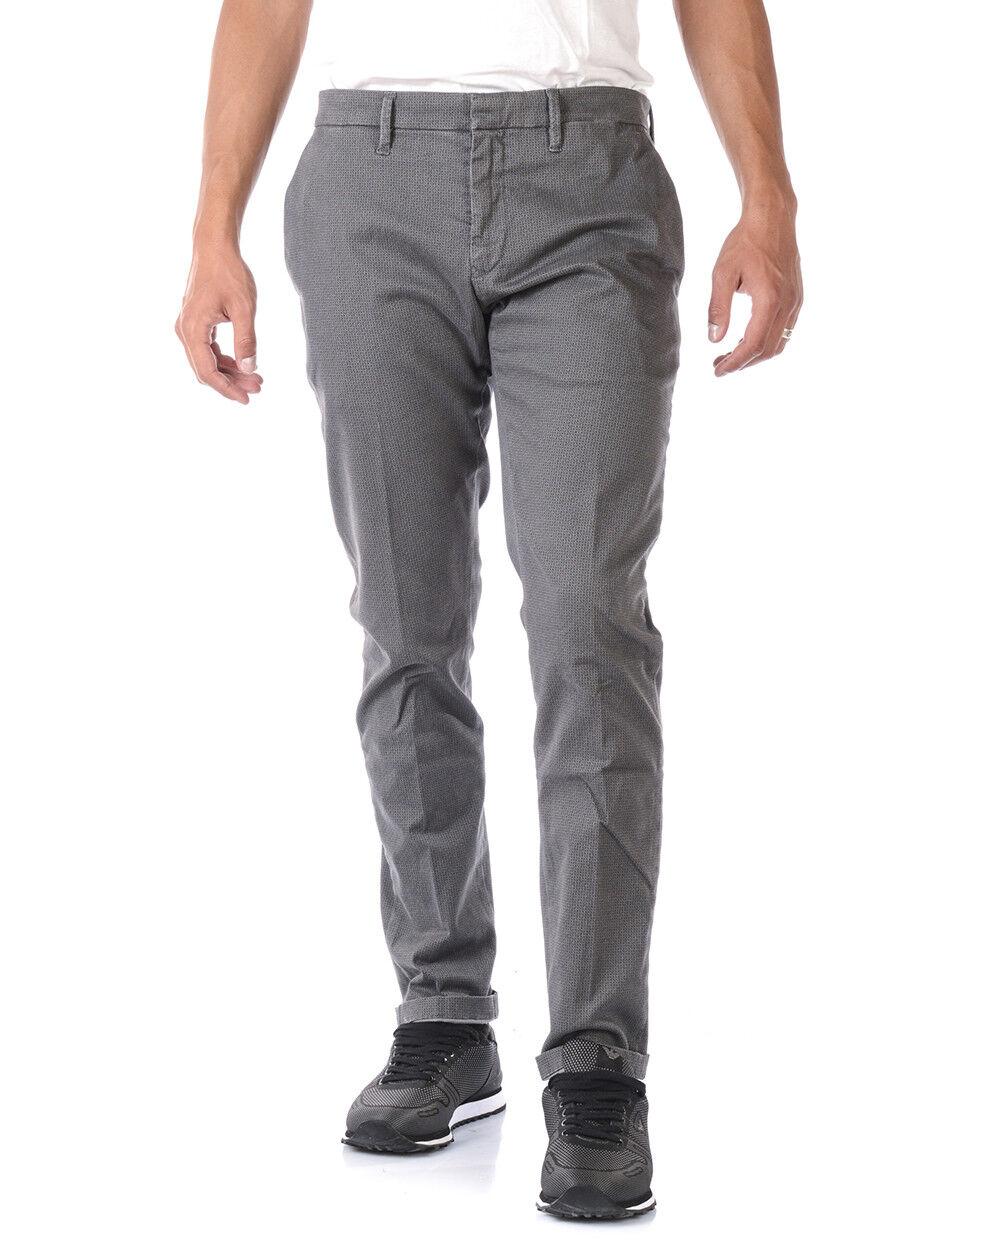 Pantaloni Siviglia Jeans Trouser Cotone MADE IN ITALY men grey P006866 8623